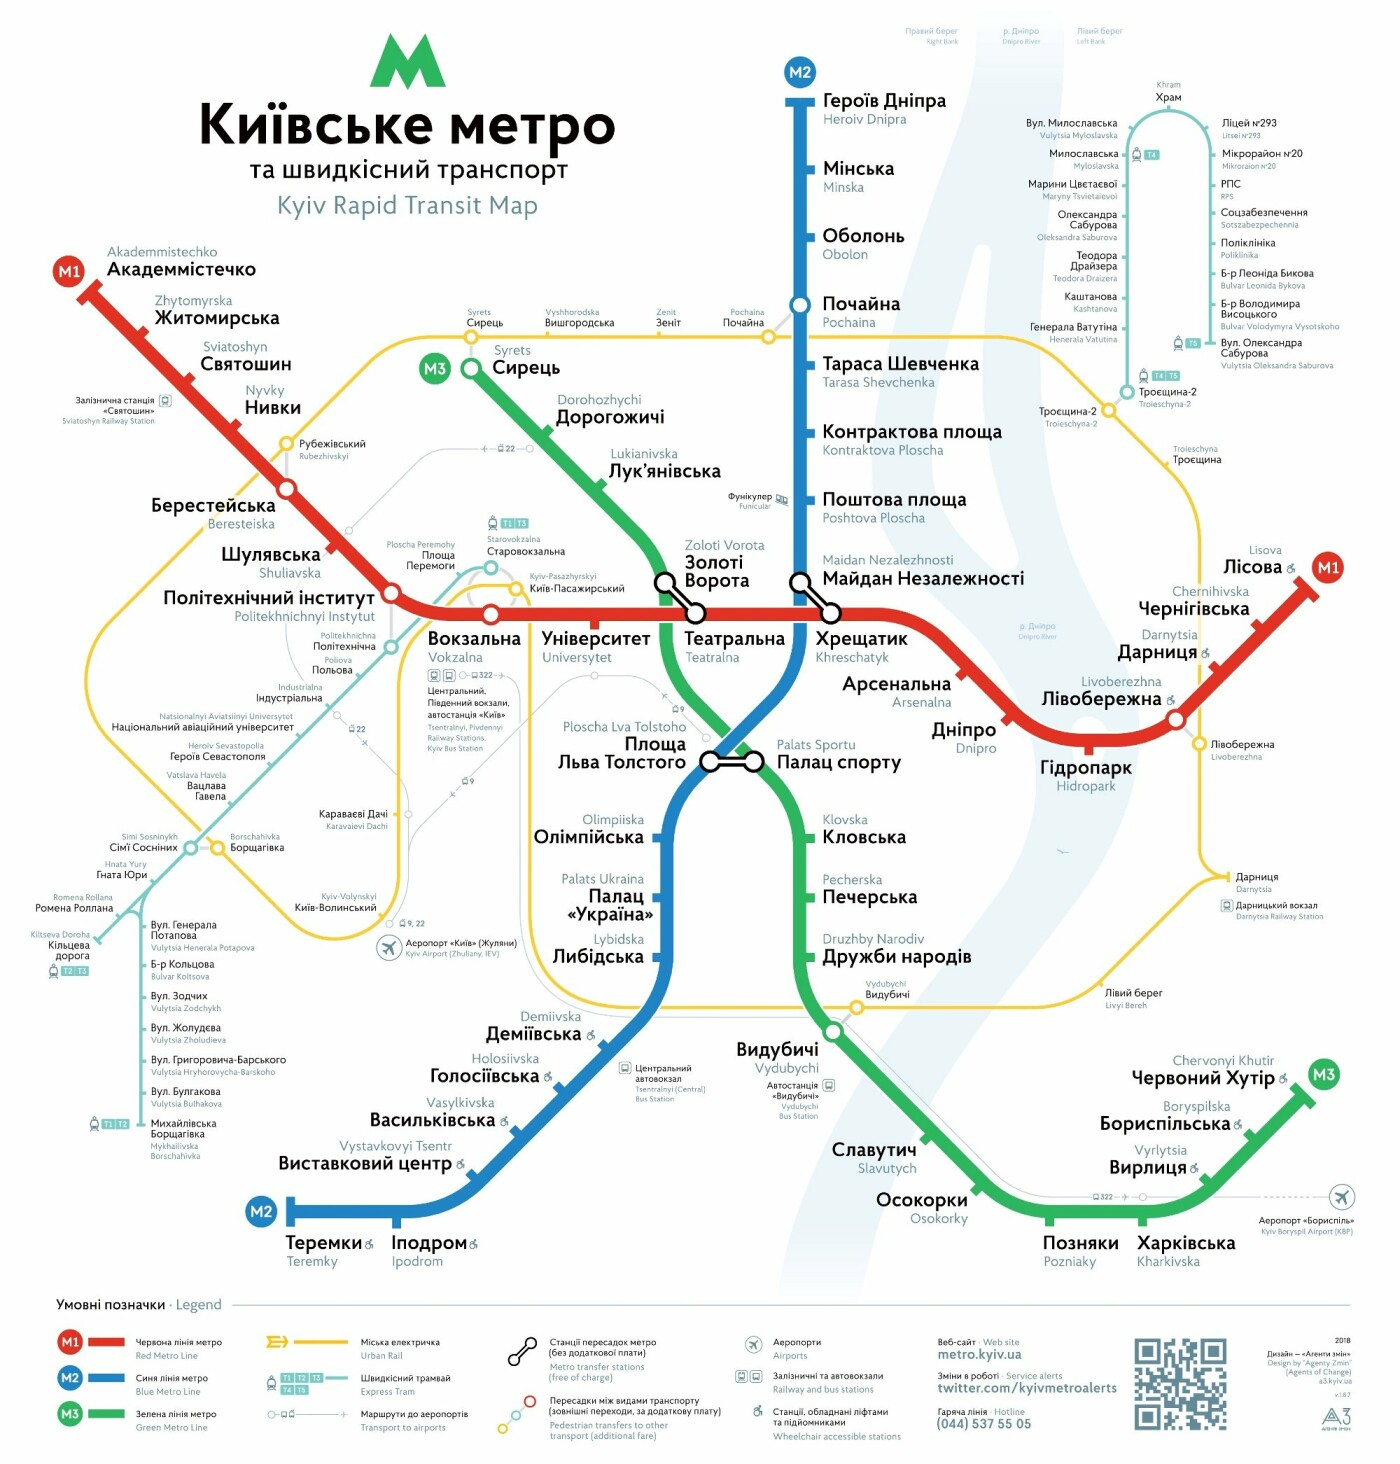 Схема метро Киева, из Википедии